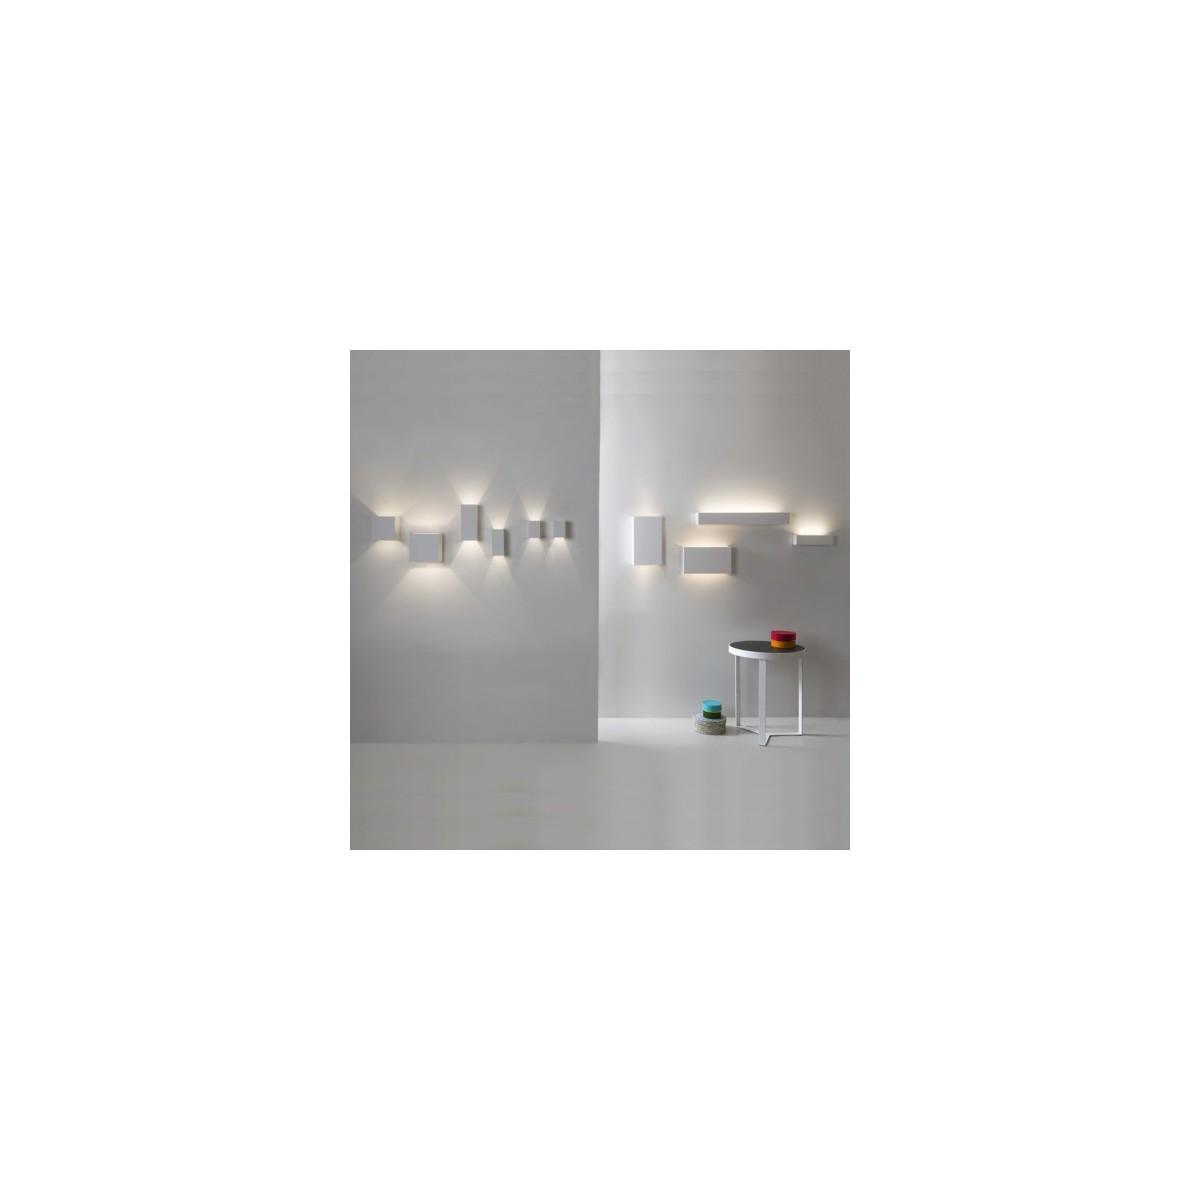 Astro Pienza 165 Ścienna 1x12W Max LED E27 Gips 1196003